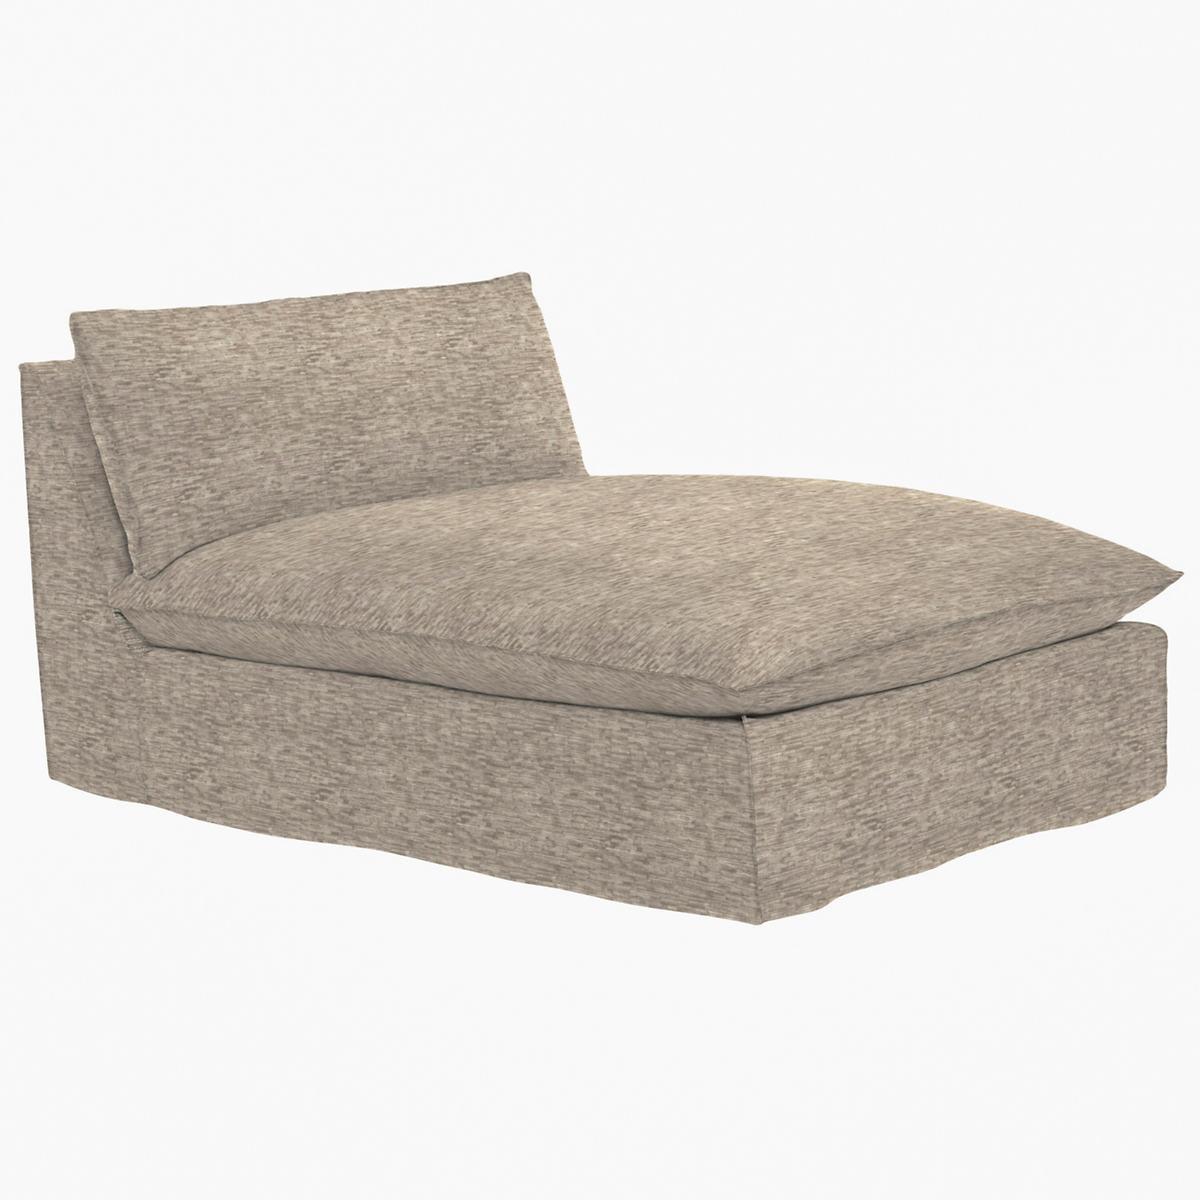 Bark Velvet Stone Hollingsworth Slipcovered Chaise